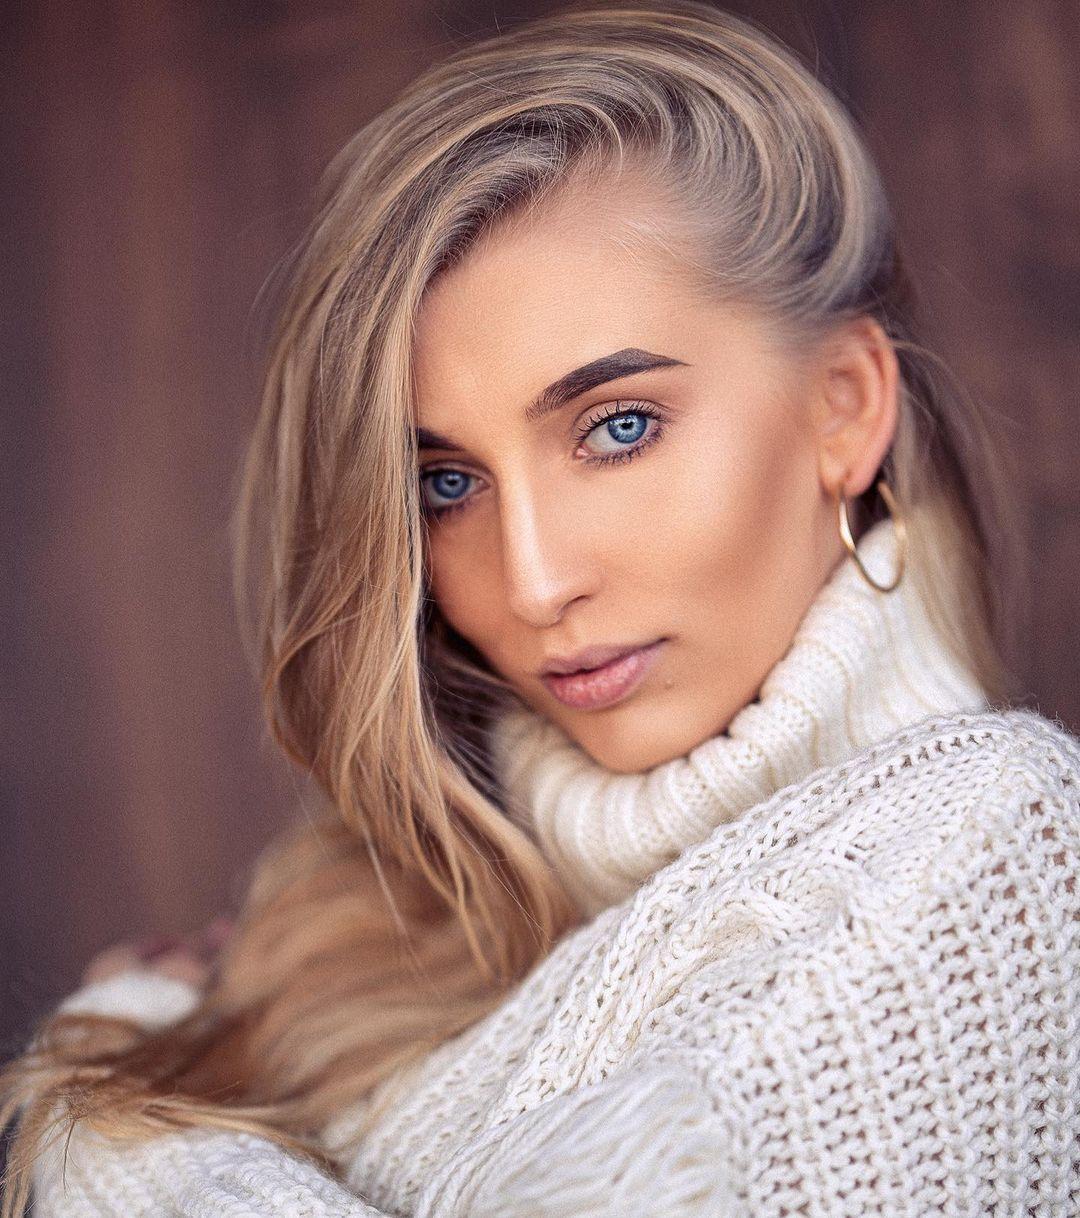 Aleksandra-Mucha-Wallpapers-Insta-Fit-Bio-3